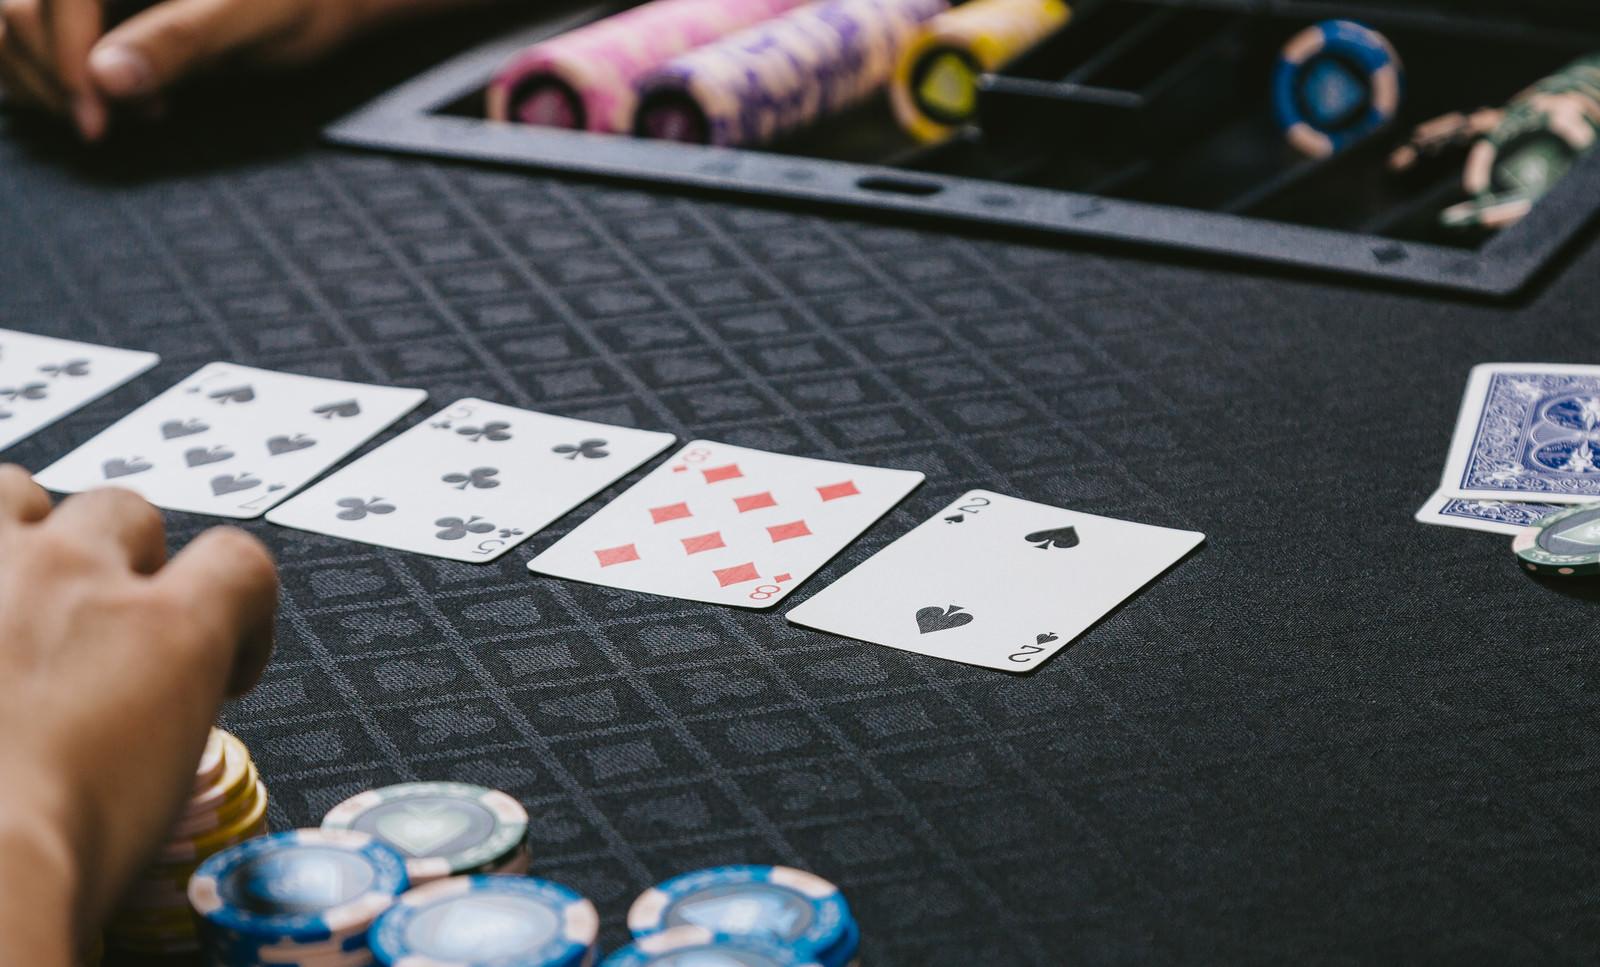 「ポーカーゲーム(トランプ)を楽しむ」の写真